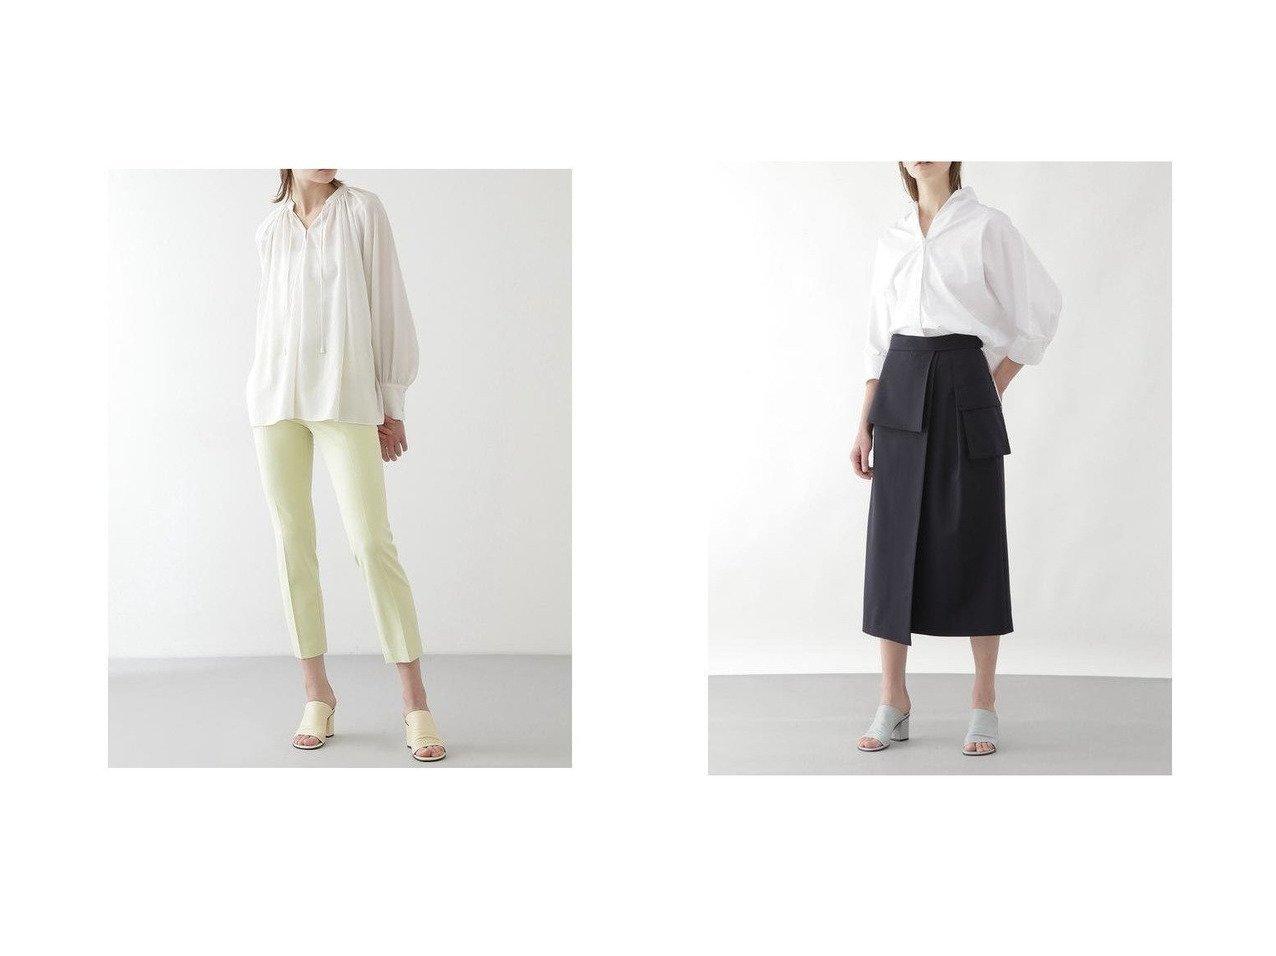 【BOSCH/ボッシュ】のPEストレッチテーパードパンツ&VISPOLYNOトロピカルセットアップスカート BOSCHのおすすめ!人気、トレンド・レディースファッションの通販 おすすめで人気の流行・トレンド、ファッションの通販商品 メンズファッション・キッズファッション・インテリア・家具・レディースファッション・服の通販 founy(ファニー) https://founy.com/ ファッション Fashion レディースファッション WOMEN パンツ Pants セットアップ Setup スカート Skirt NEW・新作・新着・新入荷 New Arrivals ストレッチ パターン マニッシュ 定番 Standard セットアップ パッチ ポケット |ID:crp329100000019943